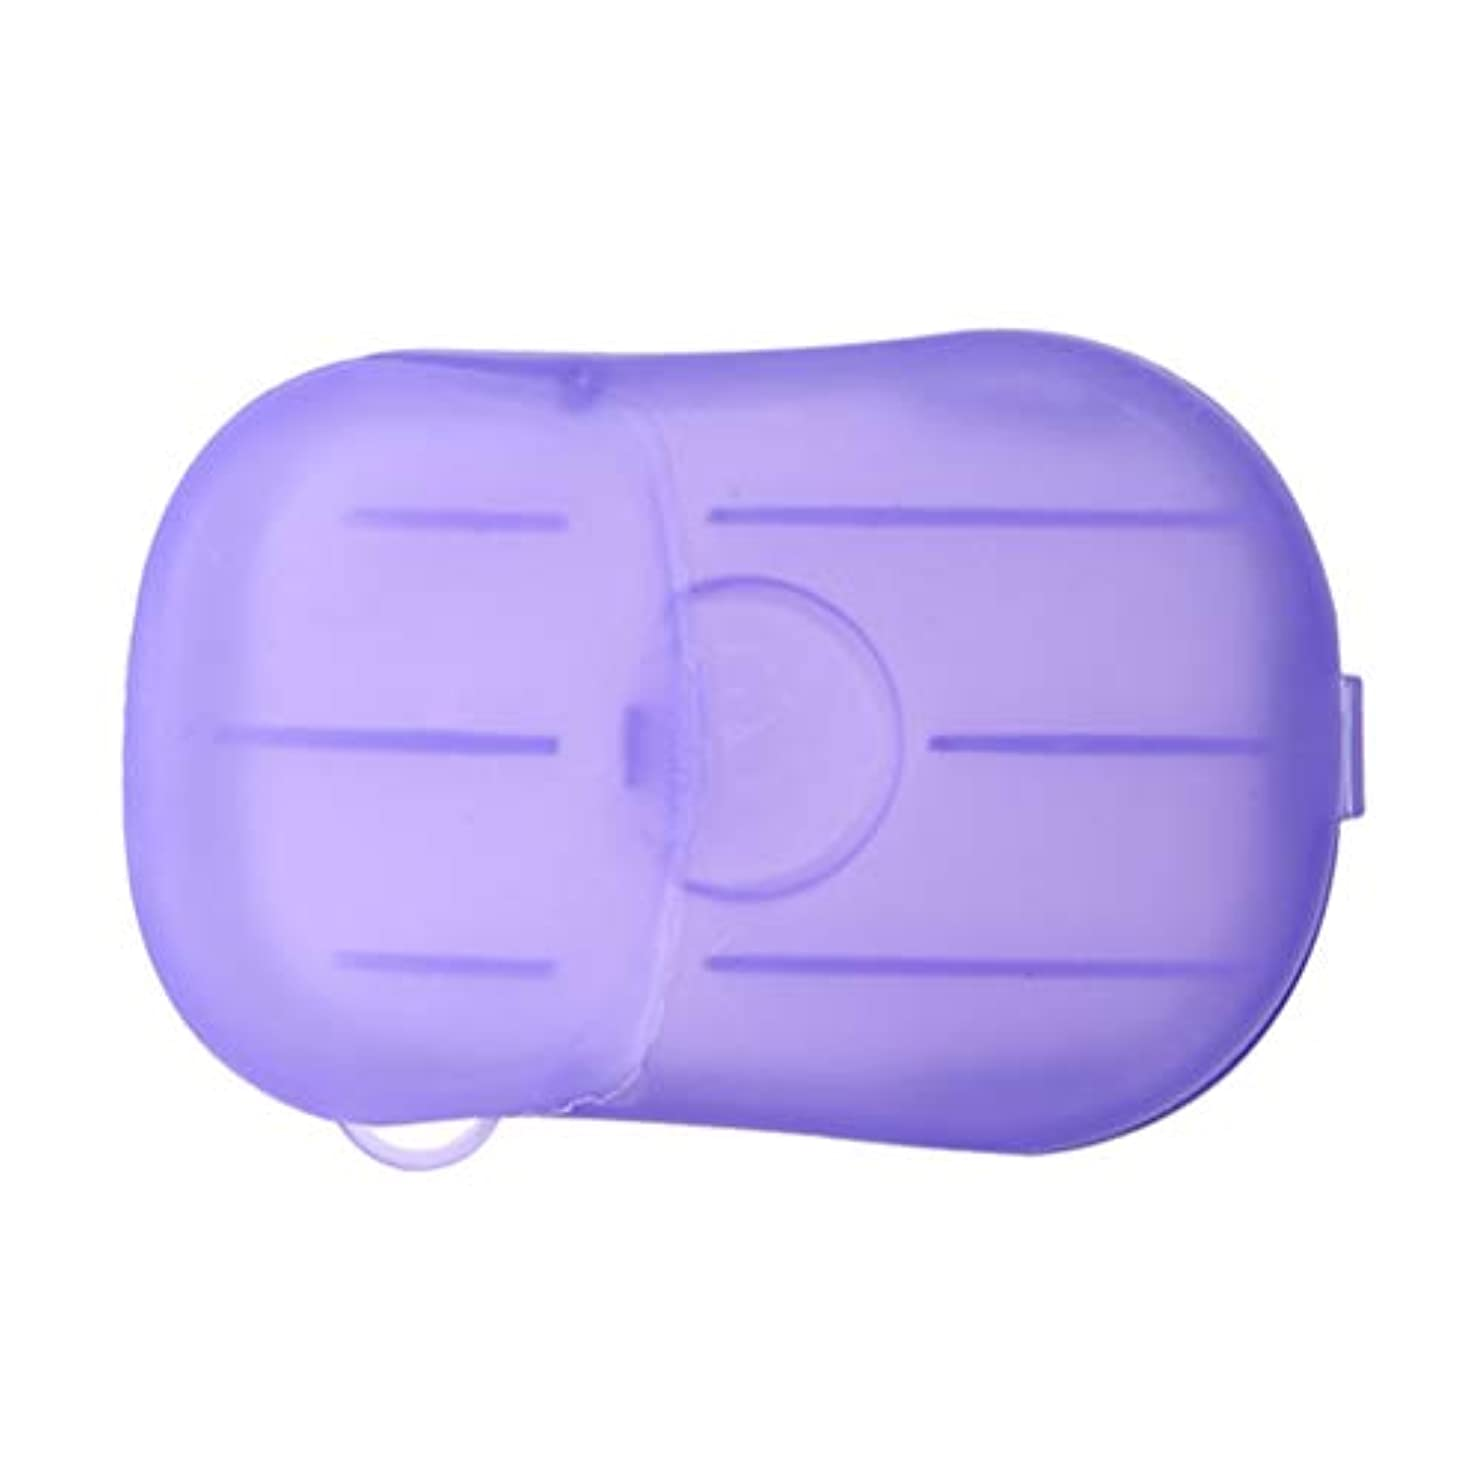 ファンタジー机専門LIOOBO 20ピース石鹸フレーク使い捨てクリーニングペーパーポータブルシャワー用品手洗い石鹸シーツ付きトラベルキャンプハイキング(パープル)